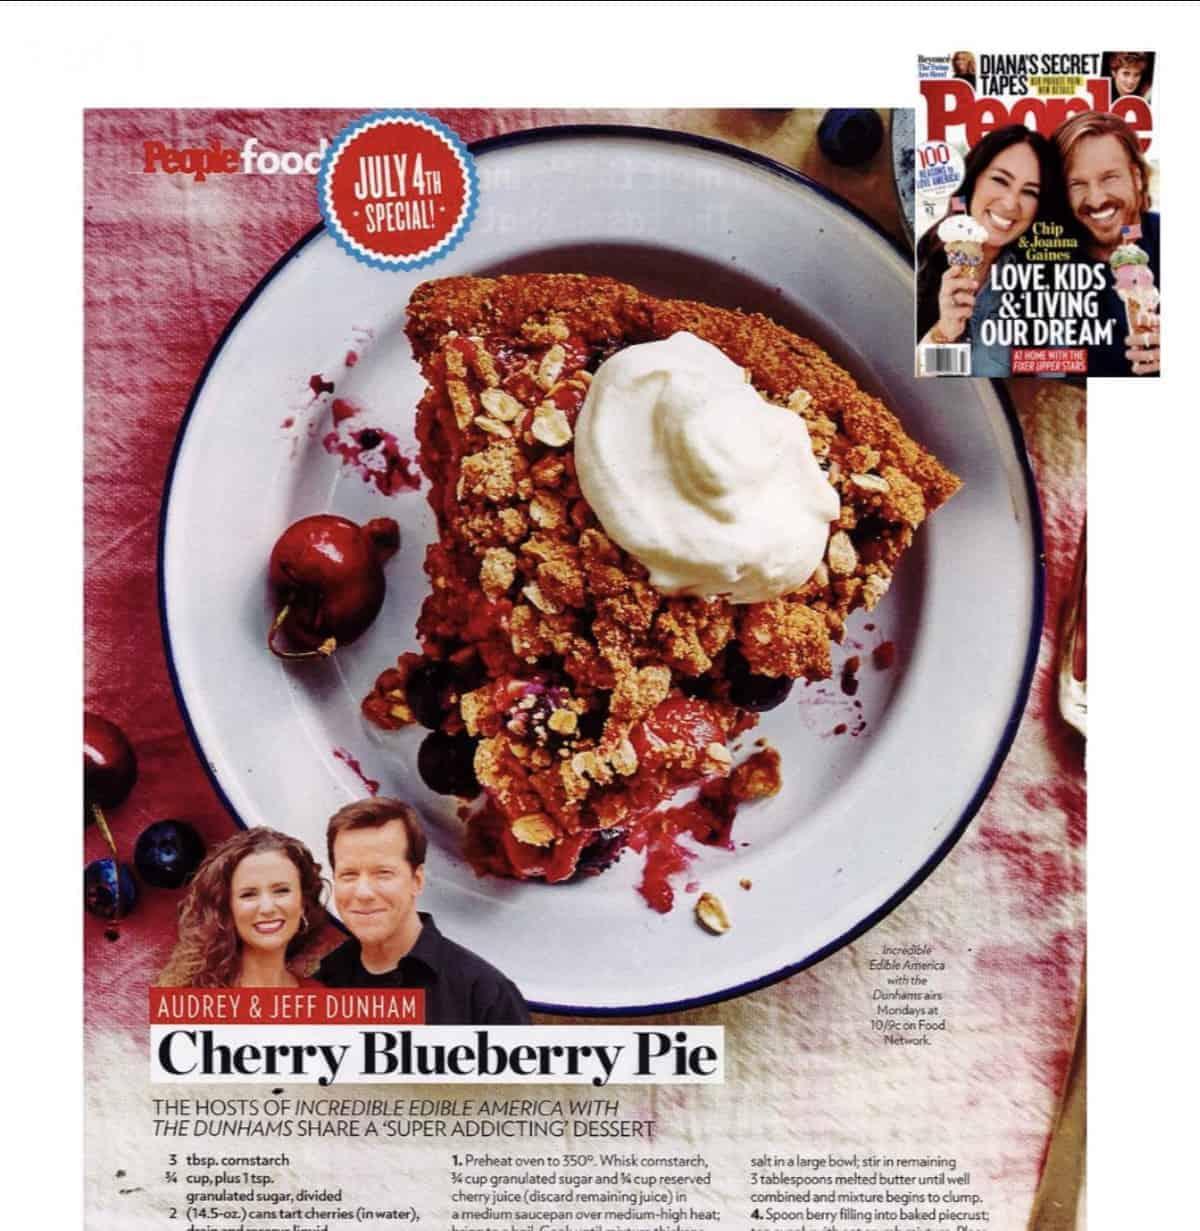 Vegan and Gluten Free Cherry Blueberry Pie | Audrey Dunham